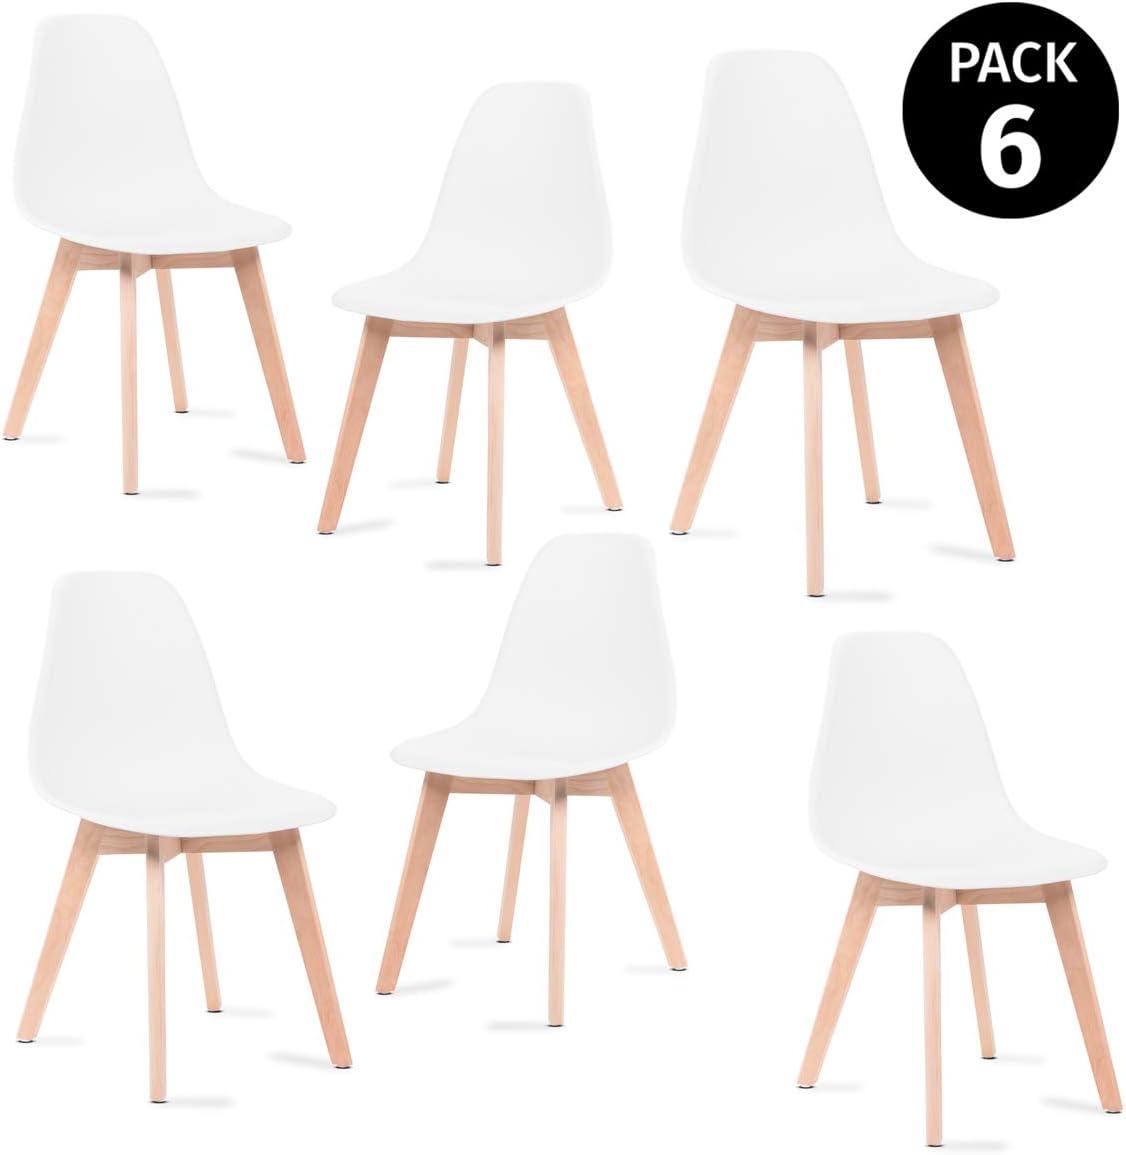 Mc Haus KATLA - Pack 6 sillas Blancas Tulip Comedor oficina, Sillas Madera nórdicas con patas de madera y respaldo ergonómico 47x46x82cm: Amazon.es: Juguetes y juegos